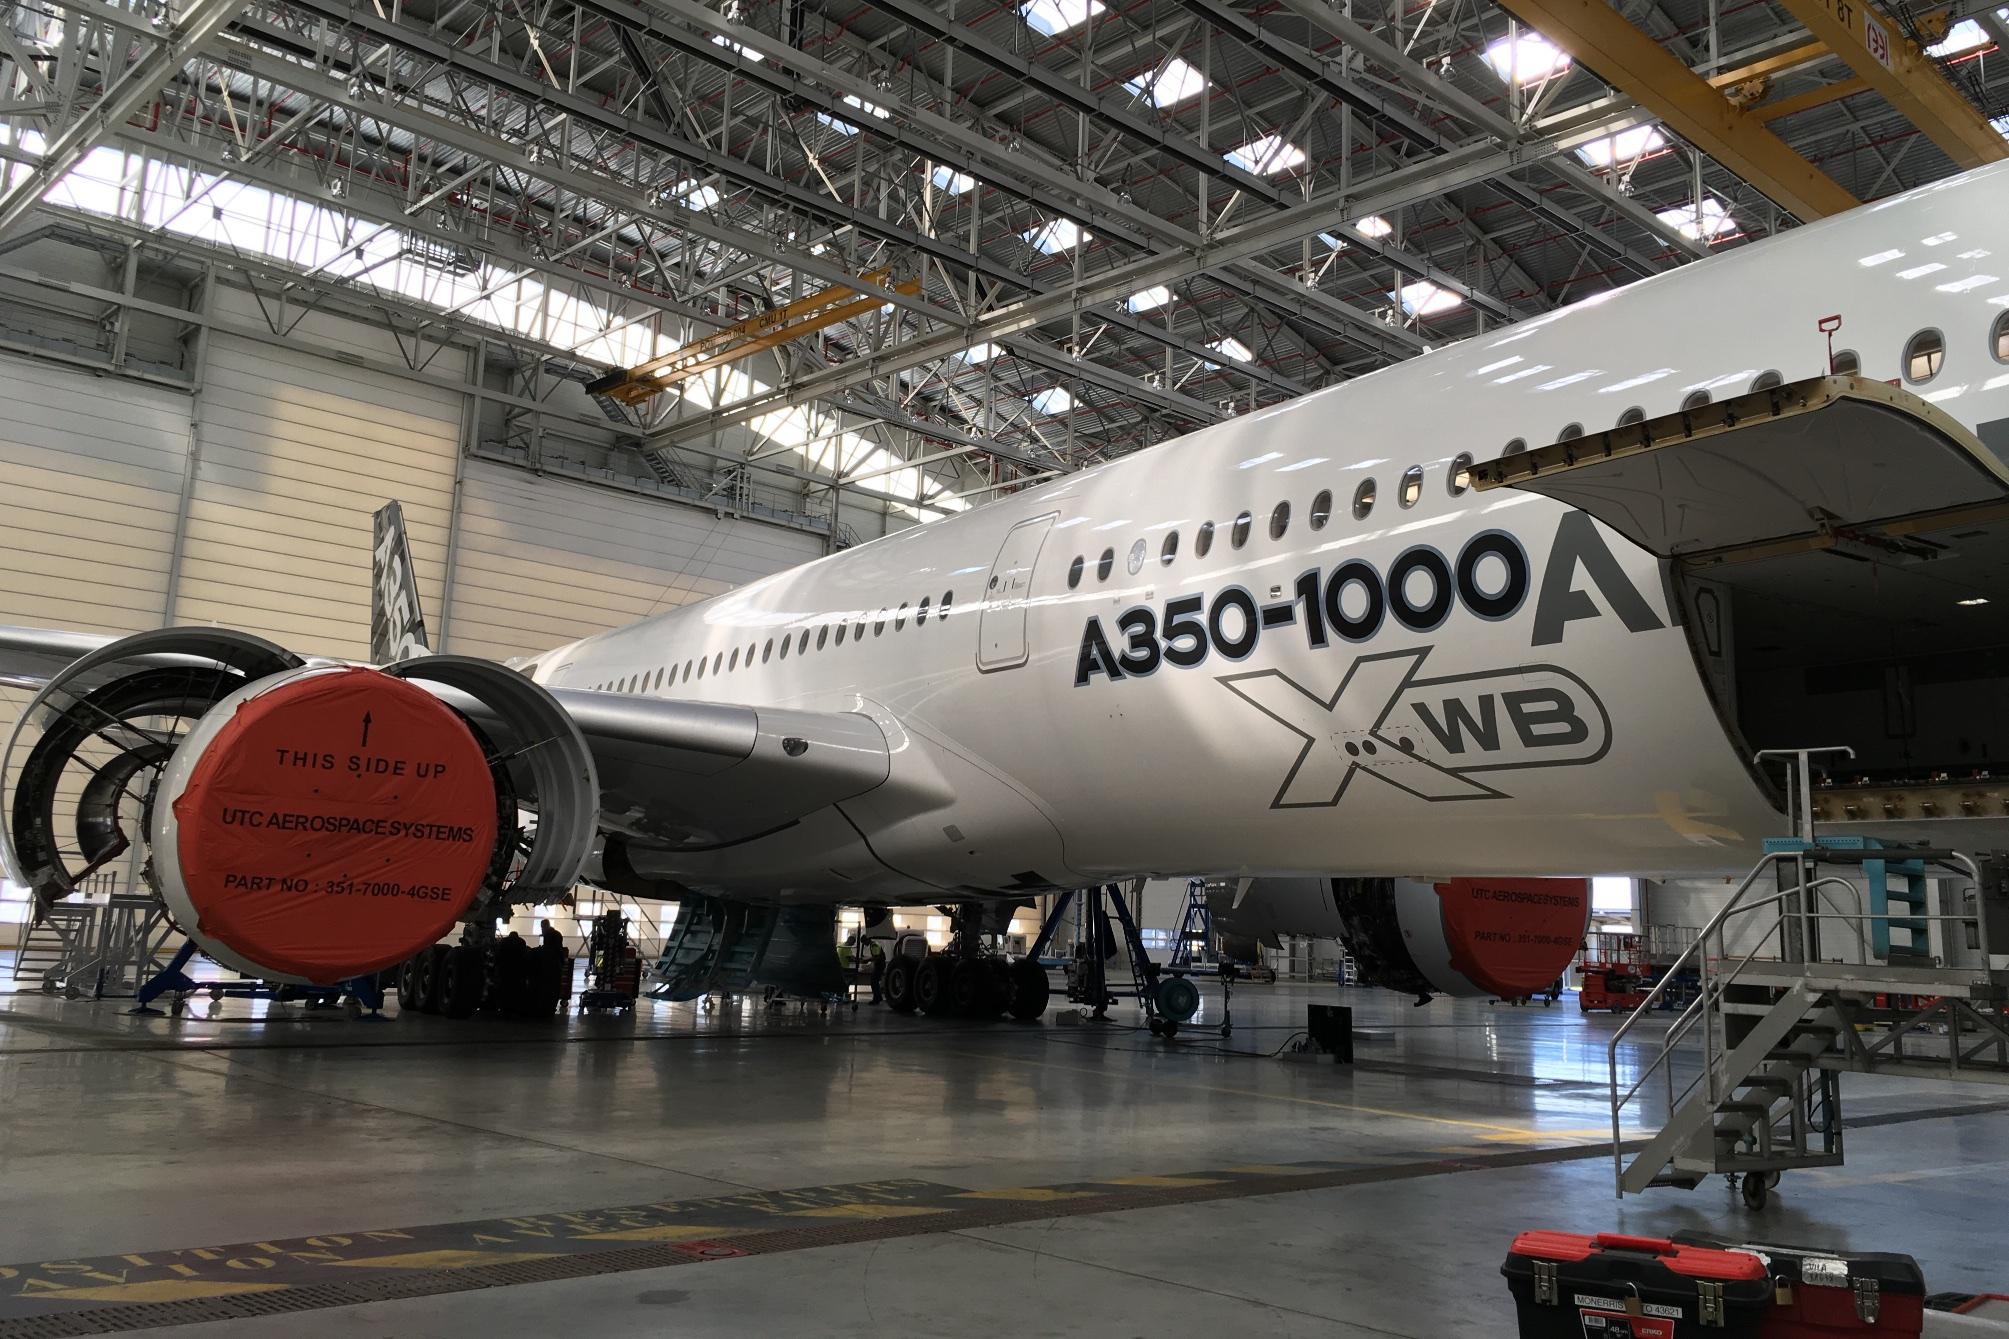 """Airbus A350-1000XWB: Ein Blick ins Innere eines Testflugzeugs - Auch Airbus-Techniker erfreuen sich an Orientierung. """"This Side Up"""" bezieht sich aber nicht auf die Triebwerksmontage. (Foto: Andreas Sebayang)"""